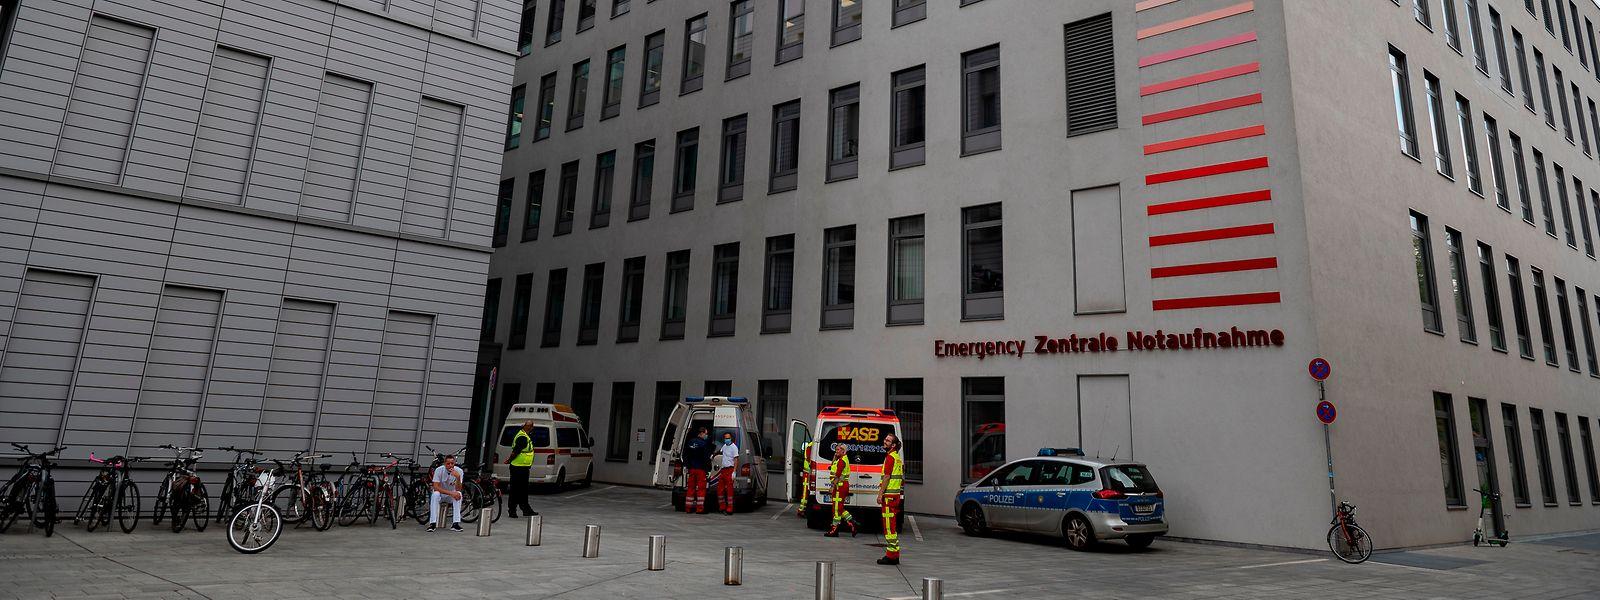 Ein Krankenwagen steht an der Zentralen Notaufnahme der Berliner Charite. In der Klinik wird der russische Oppositionelle Nawalny behandelt.